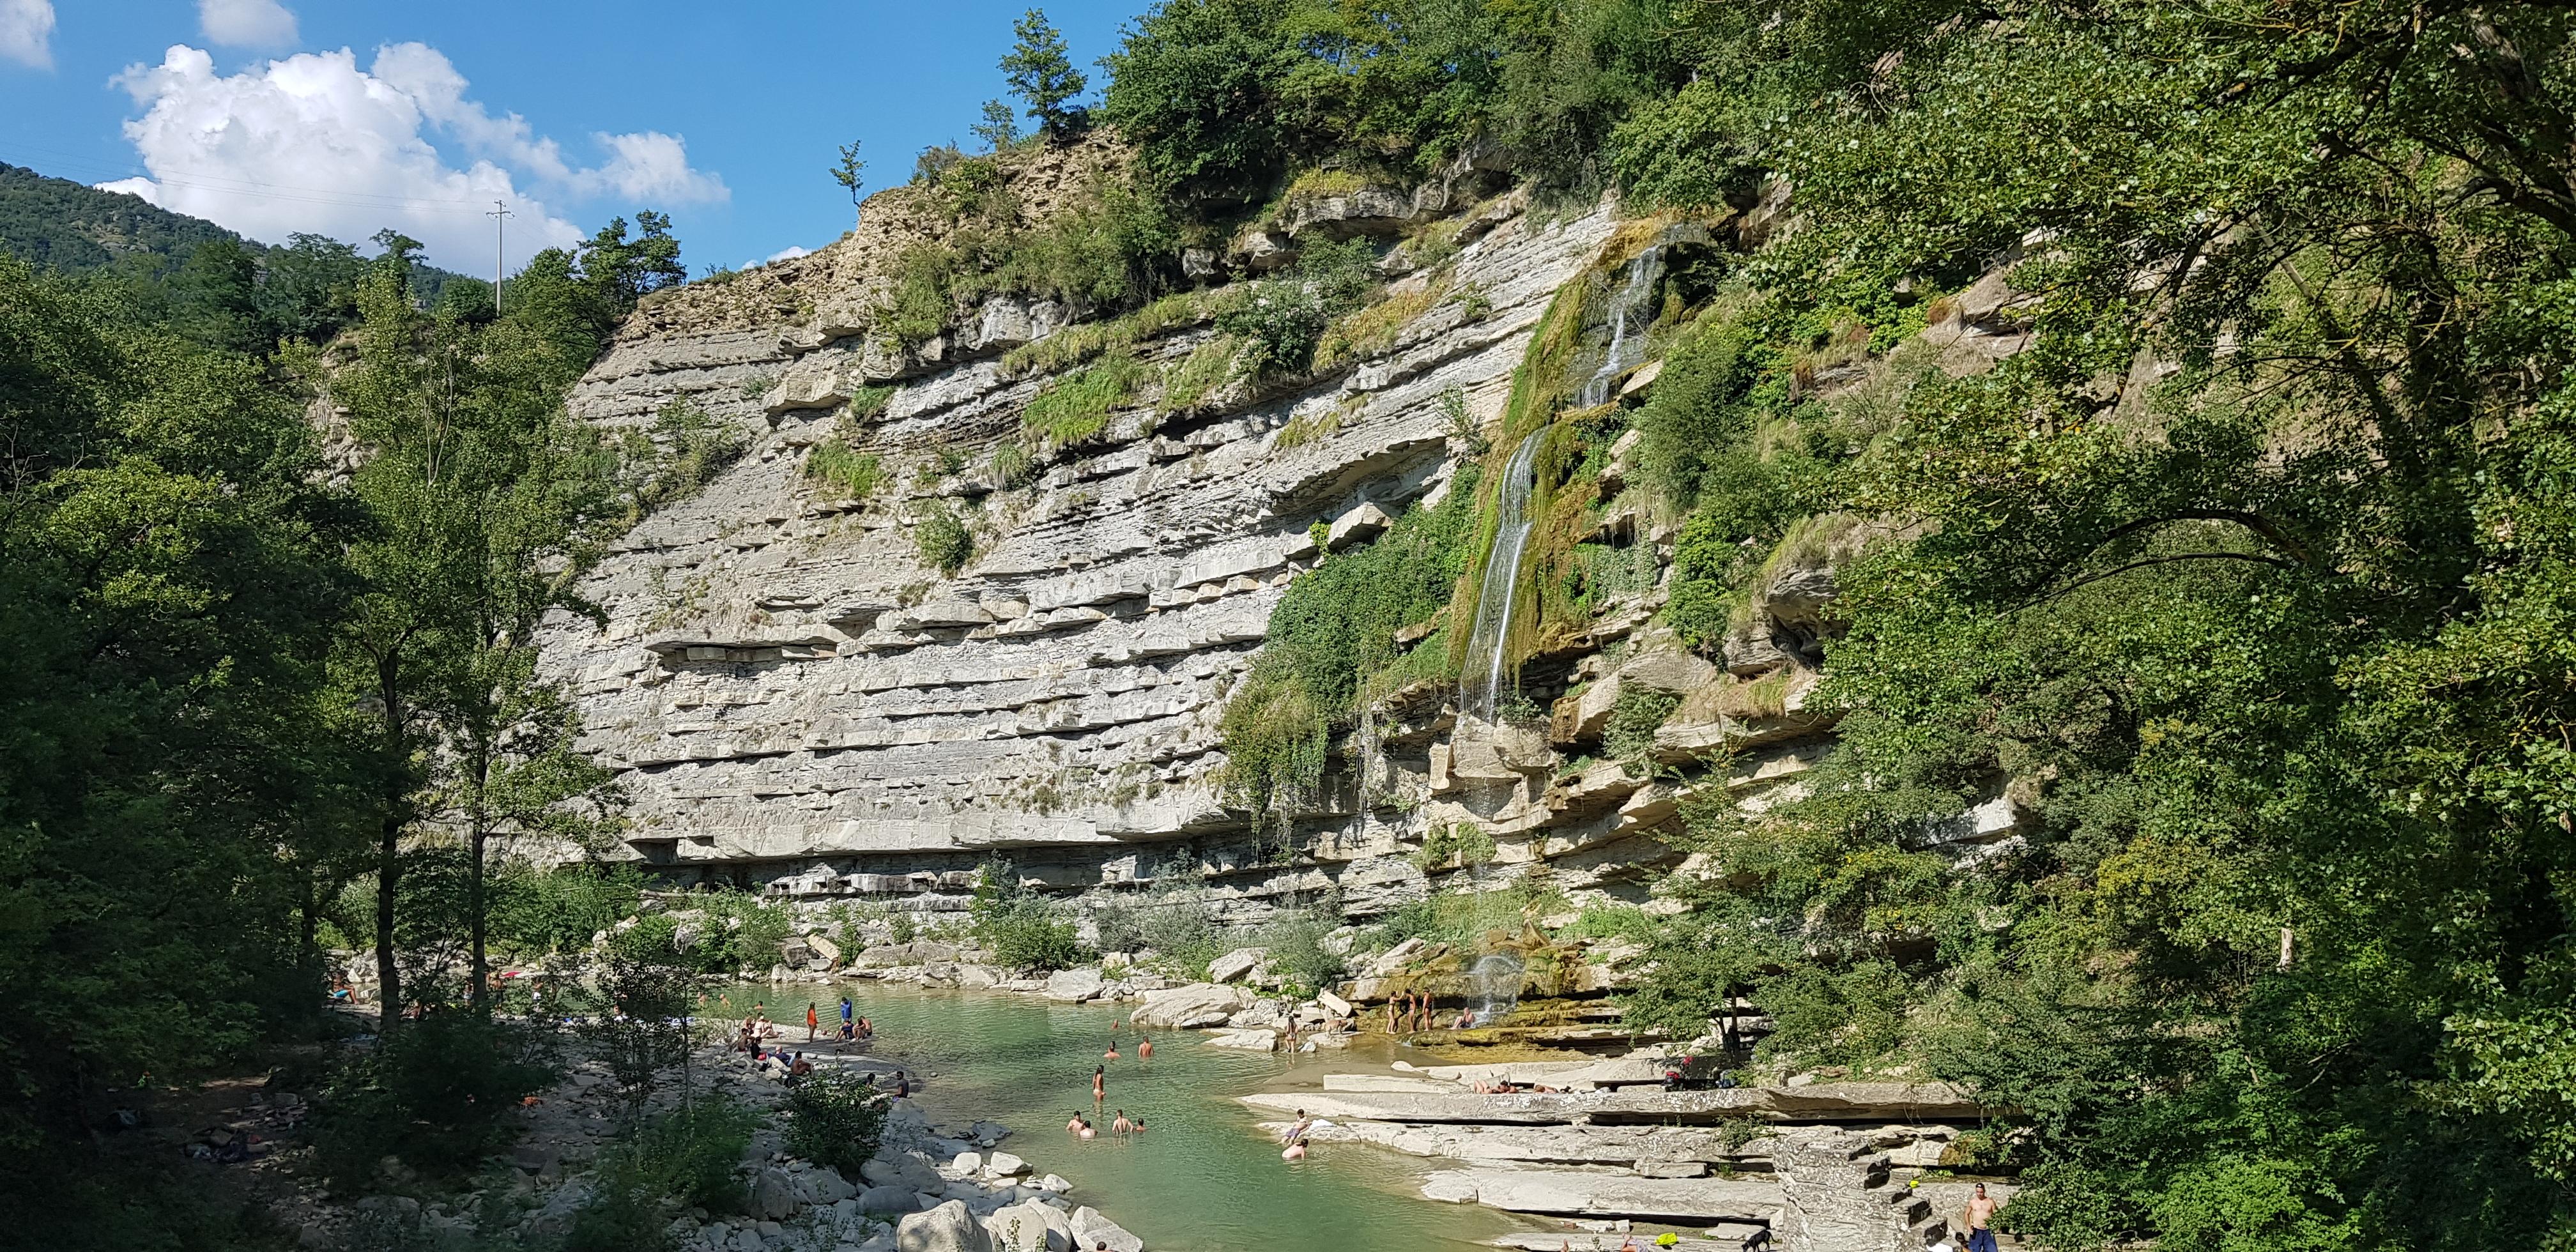 De waterval bij Moraduccio, zo'n fijn plekje die je liever verborgen houdt...